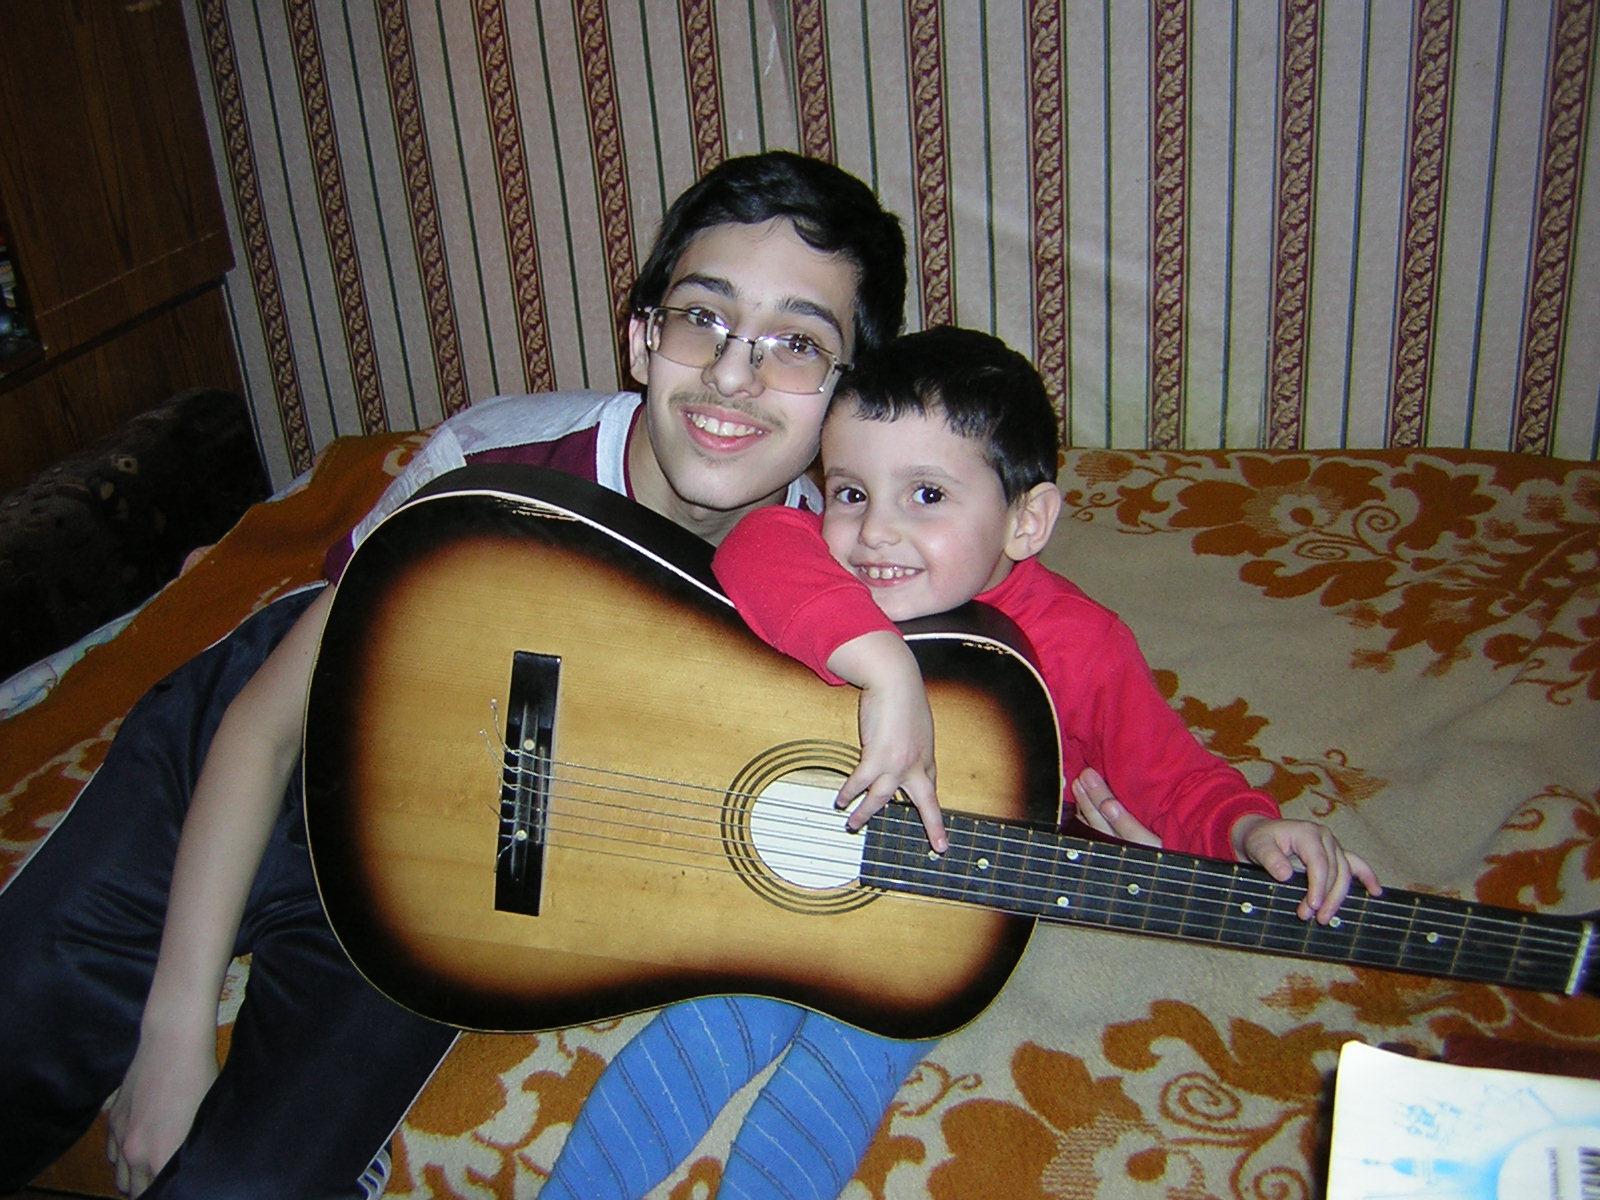 Песня друзей: наш Константин берет гитару, а Боренька ему подпевает.. Мы - веселые друзья